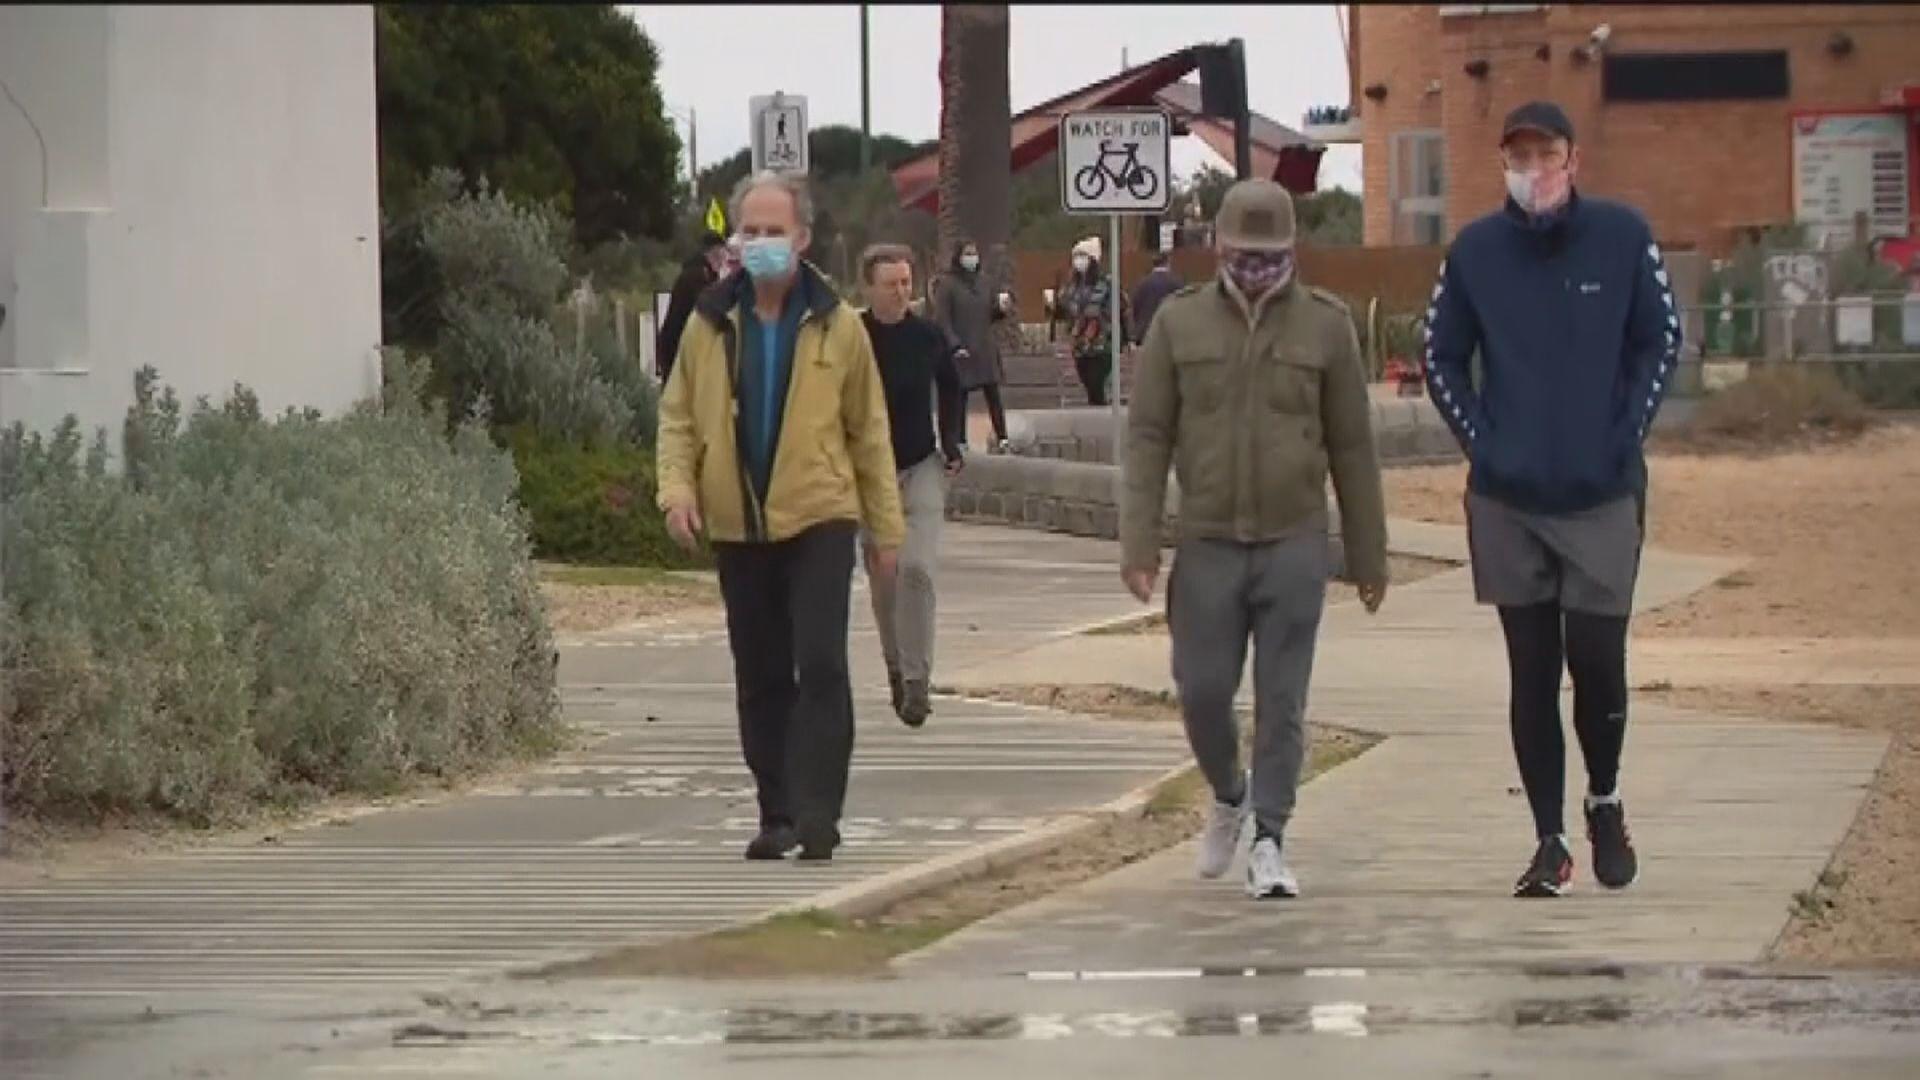 澳洲維多利亞州逐步放寬防疫限制措施